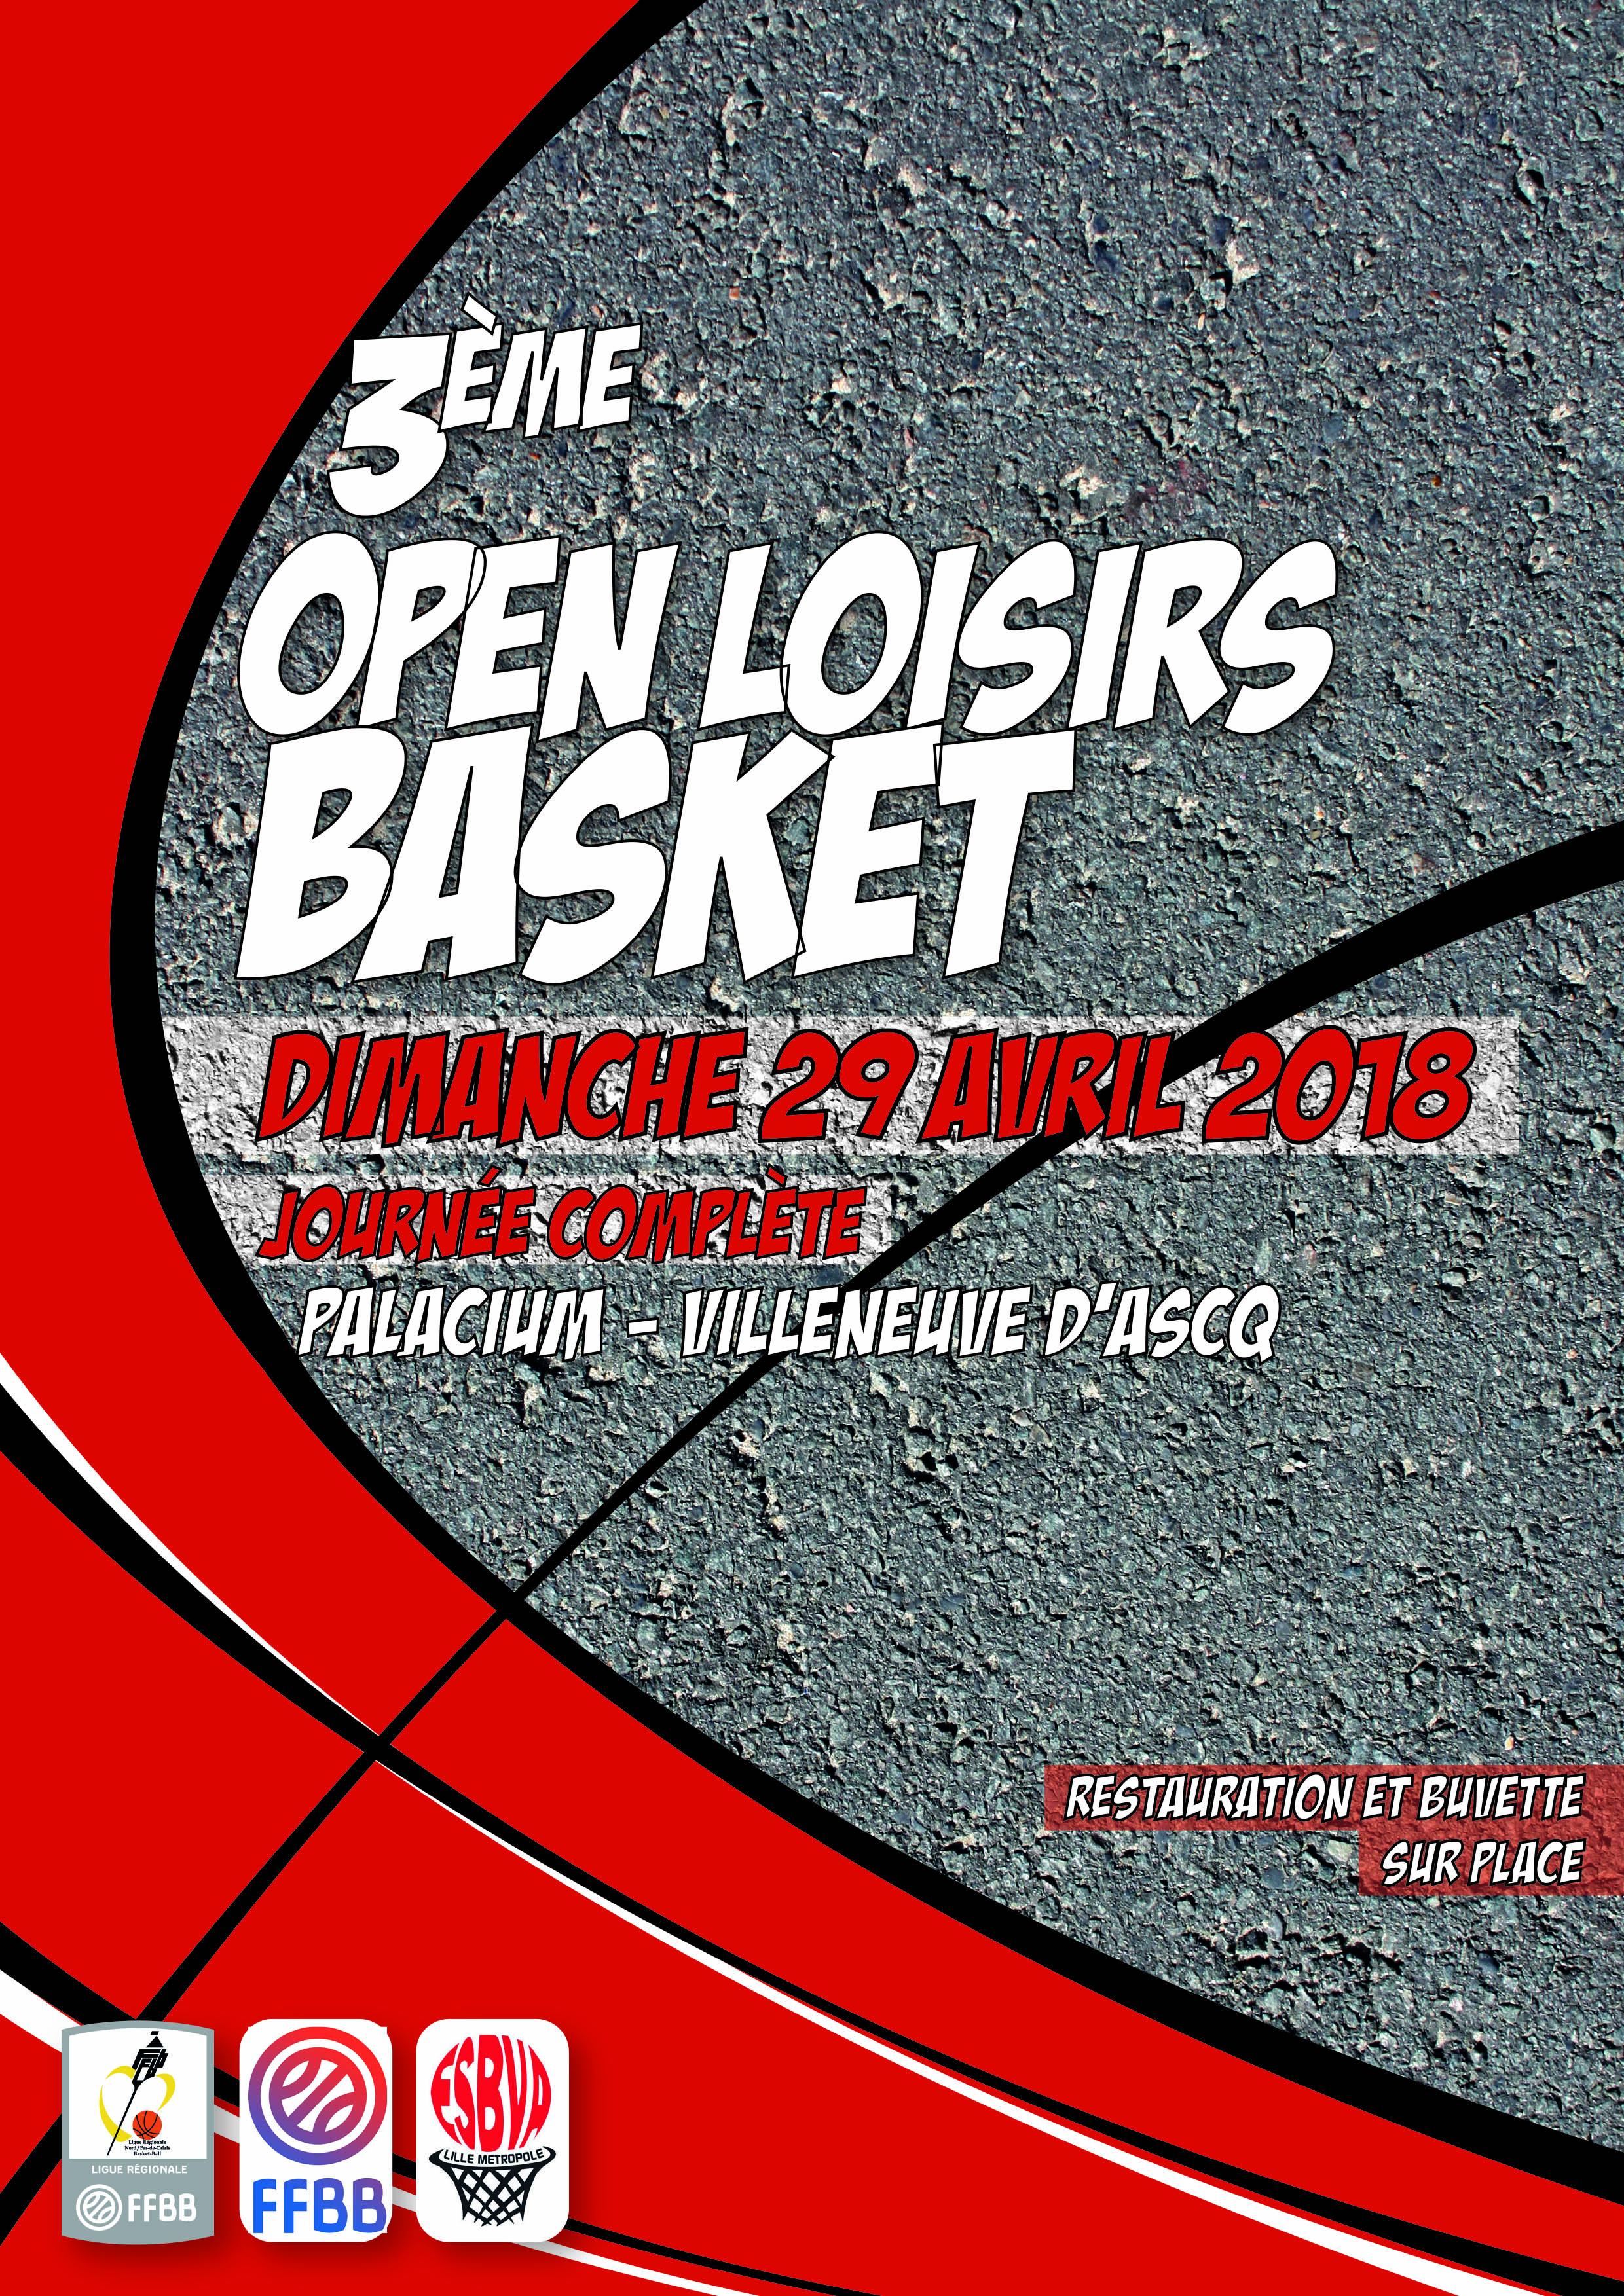 3ème Open Loisirs le 29 Avril au Palacium